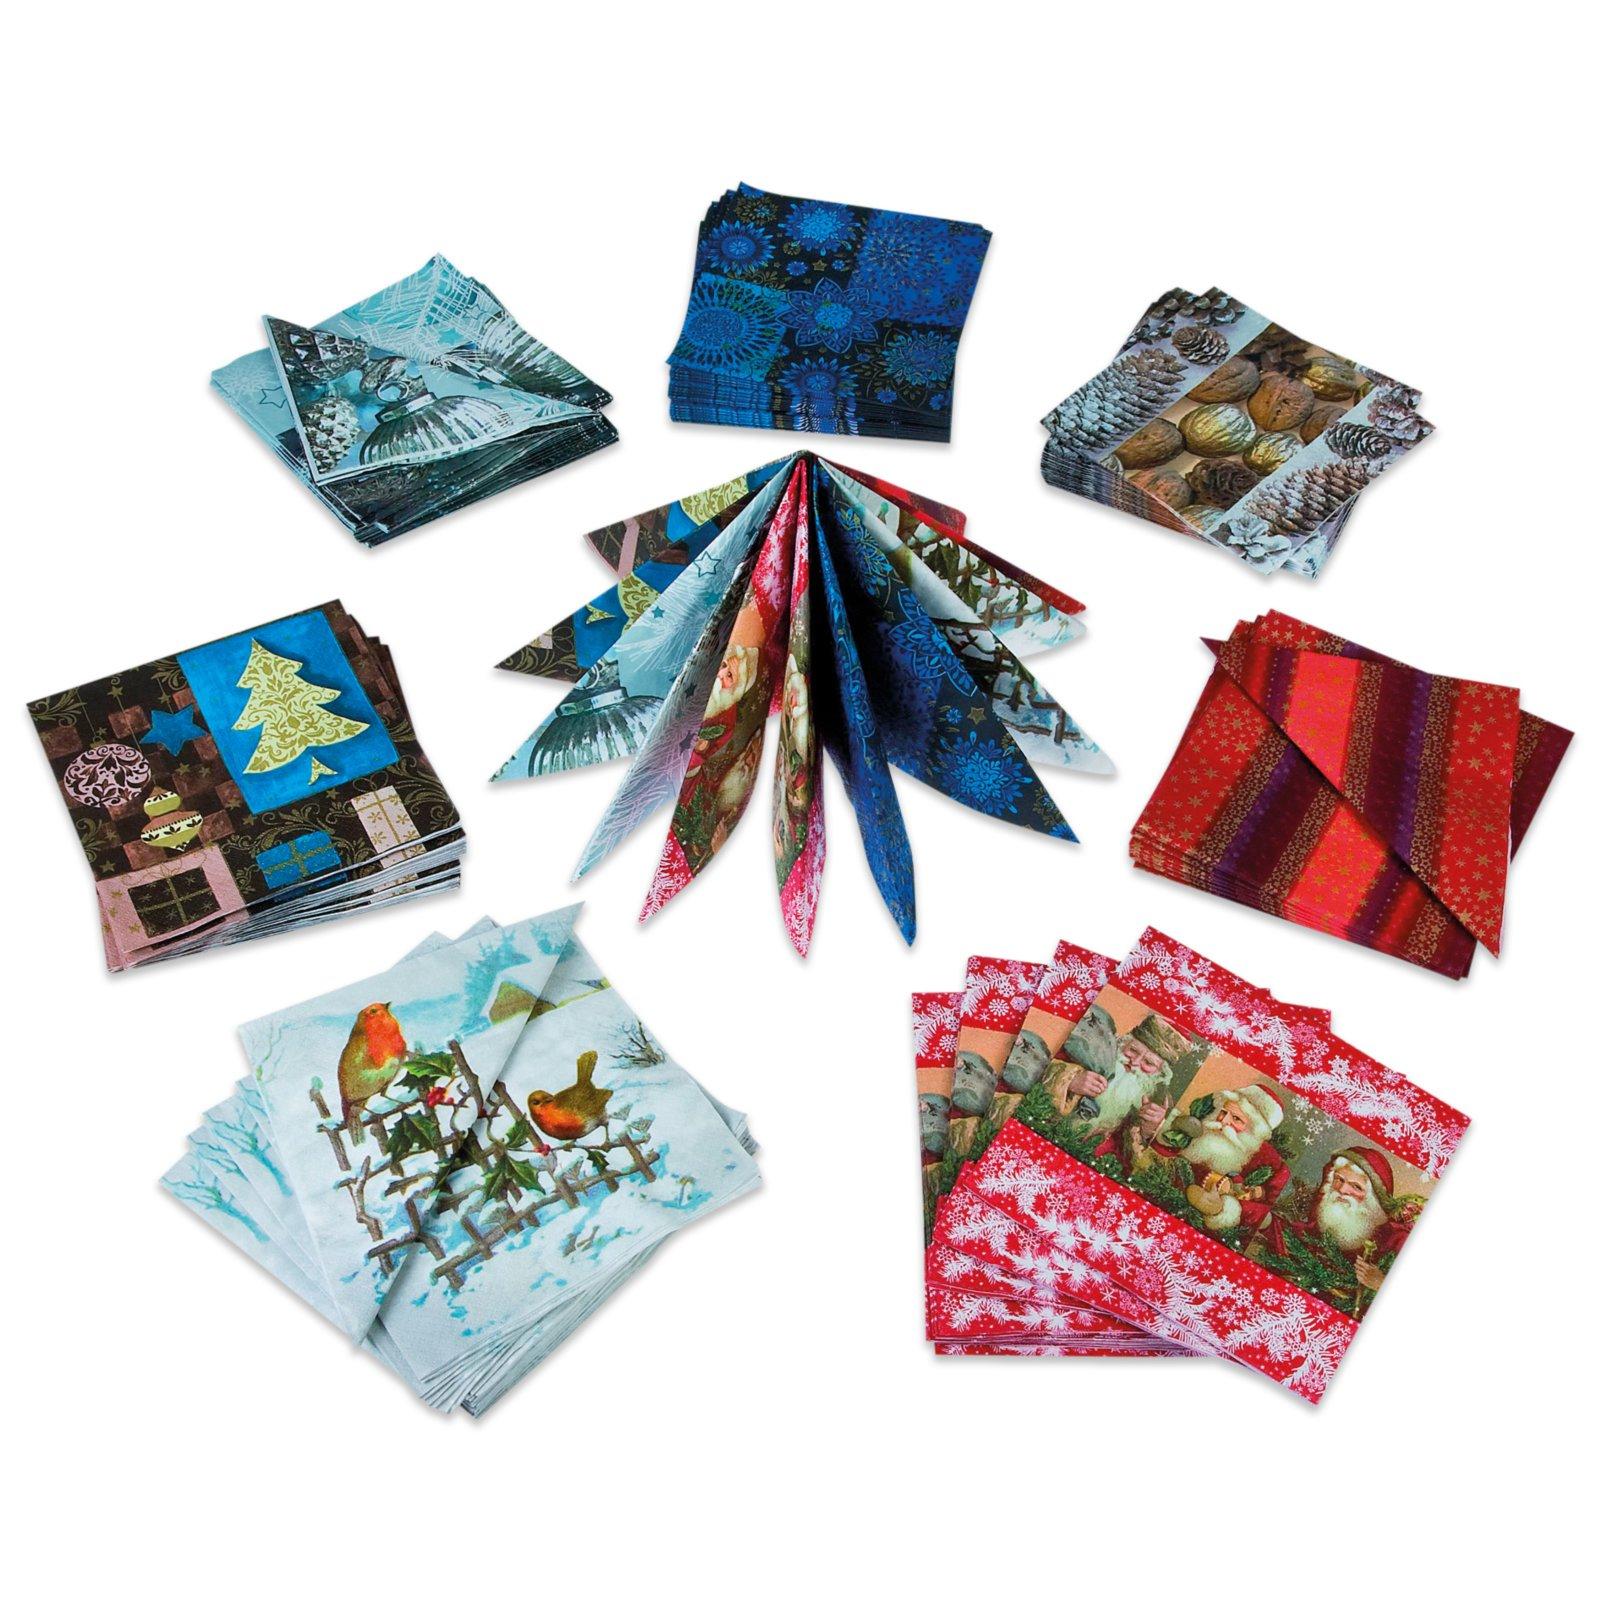 weihnachtsservietten sortierte motive 20er pack servietten haushalts k chenzubeh r. Black Bedroom Furniture Sets. Home Design Ideas